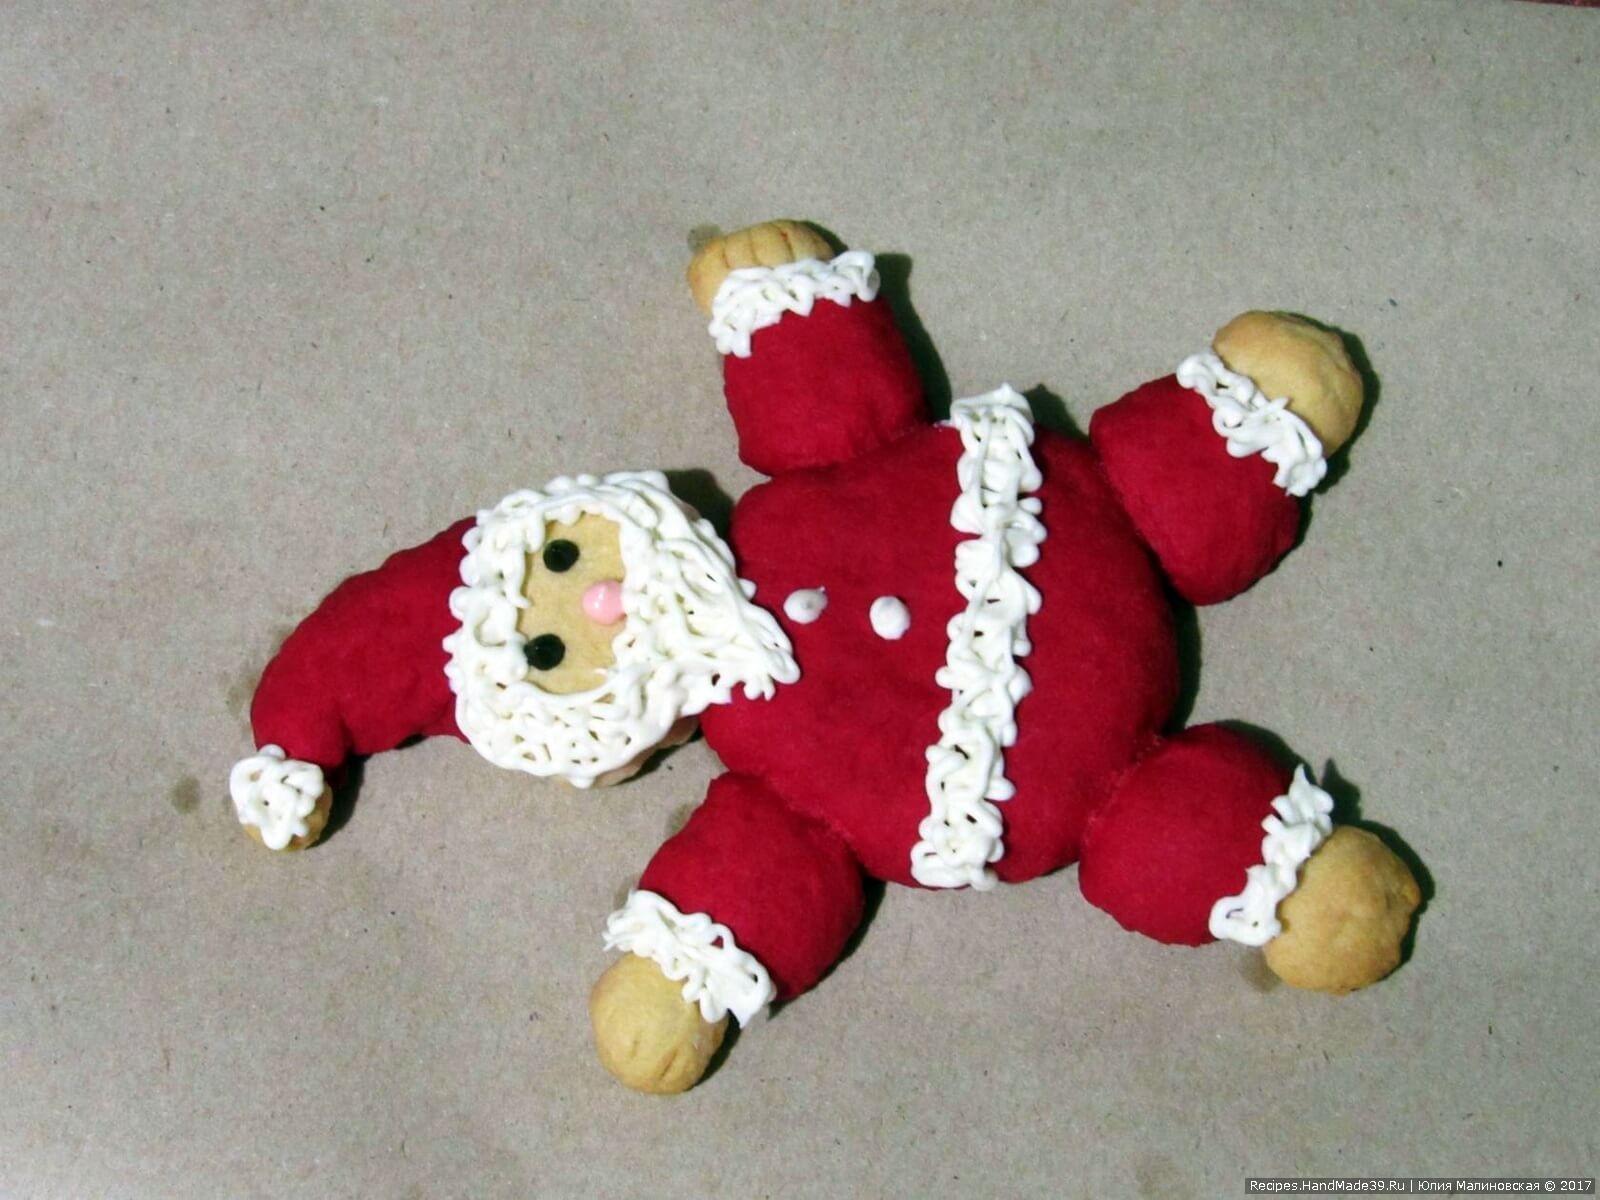 Песочное печенье «Санта-Клаус» – пошаговый кулинарный рецепт с фото. Приятного аппетита!